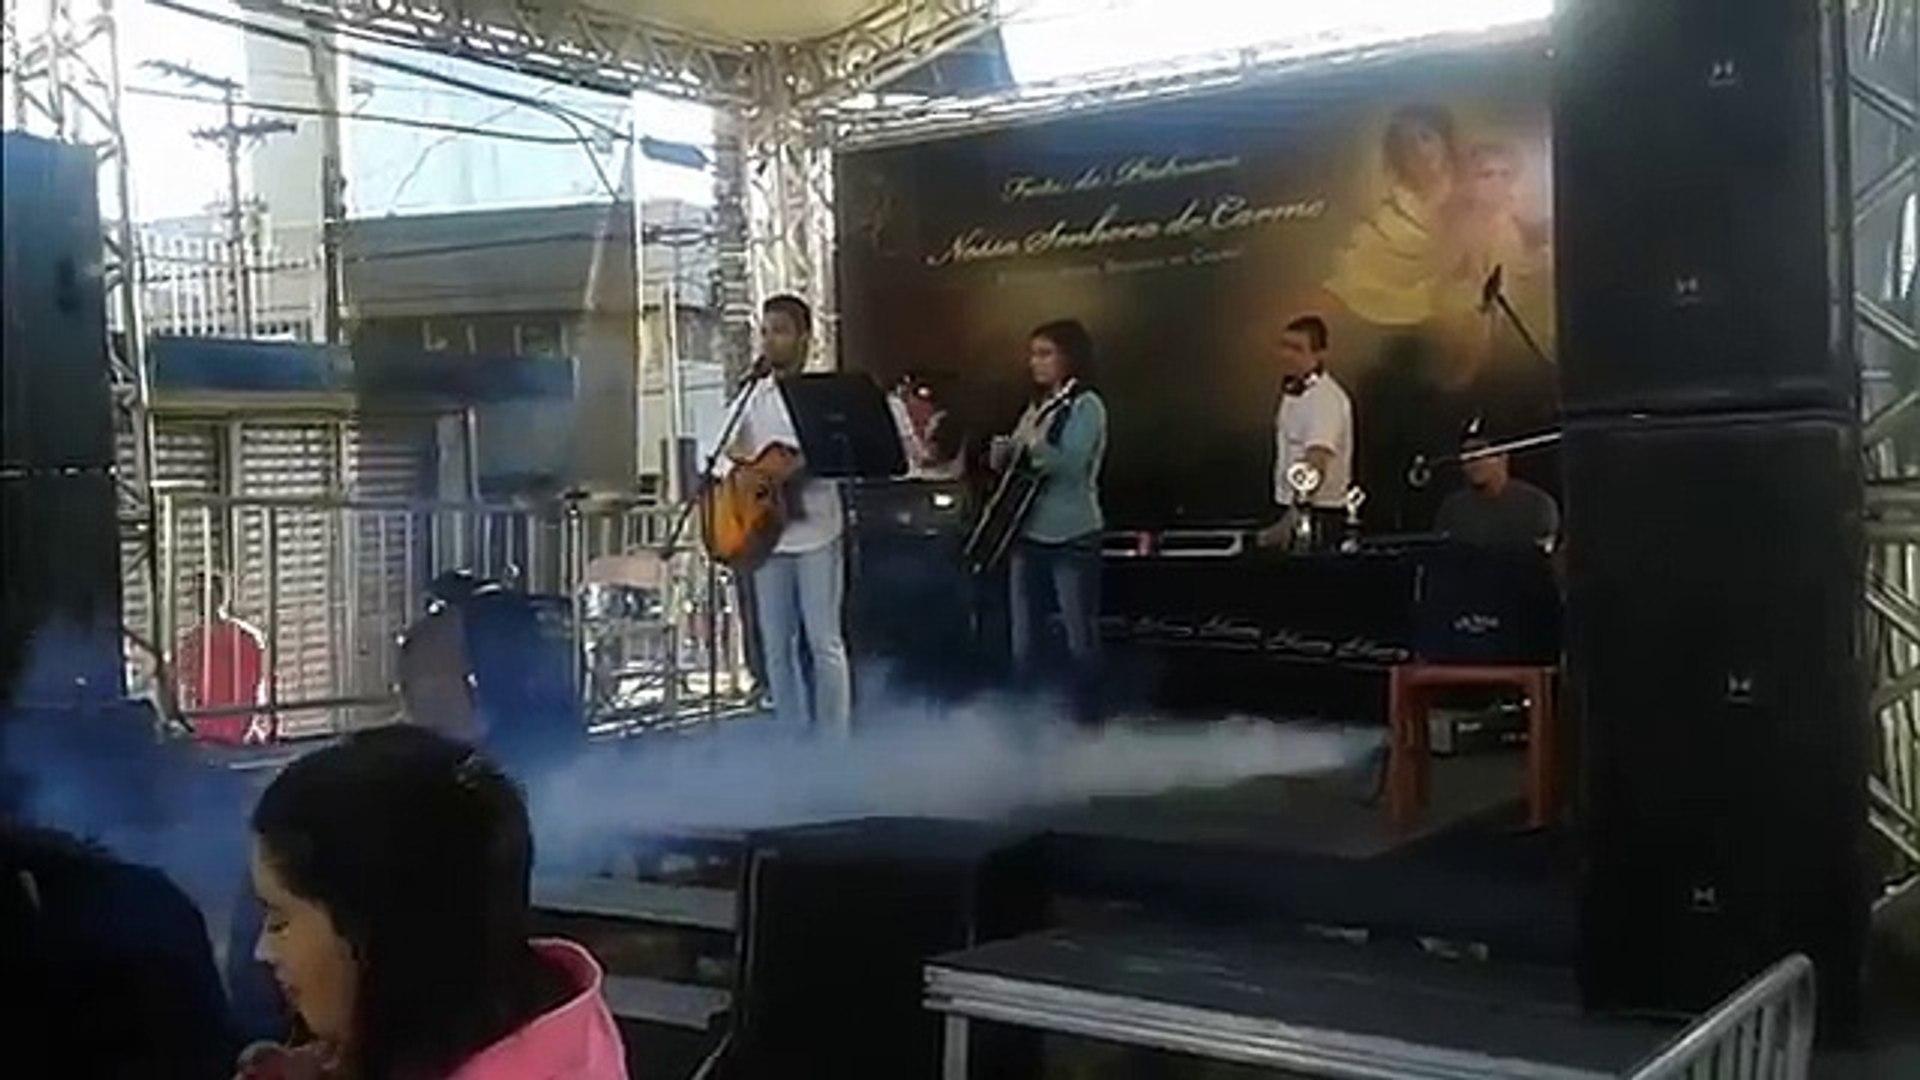 Pagode em Brasília - Festival Sertanejo ao vivo (Wellington Costa)